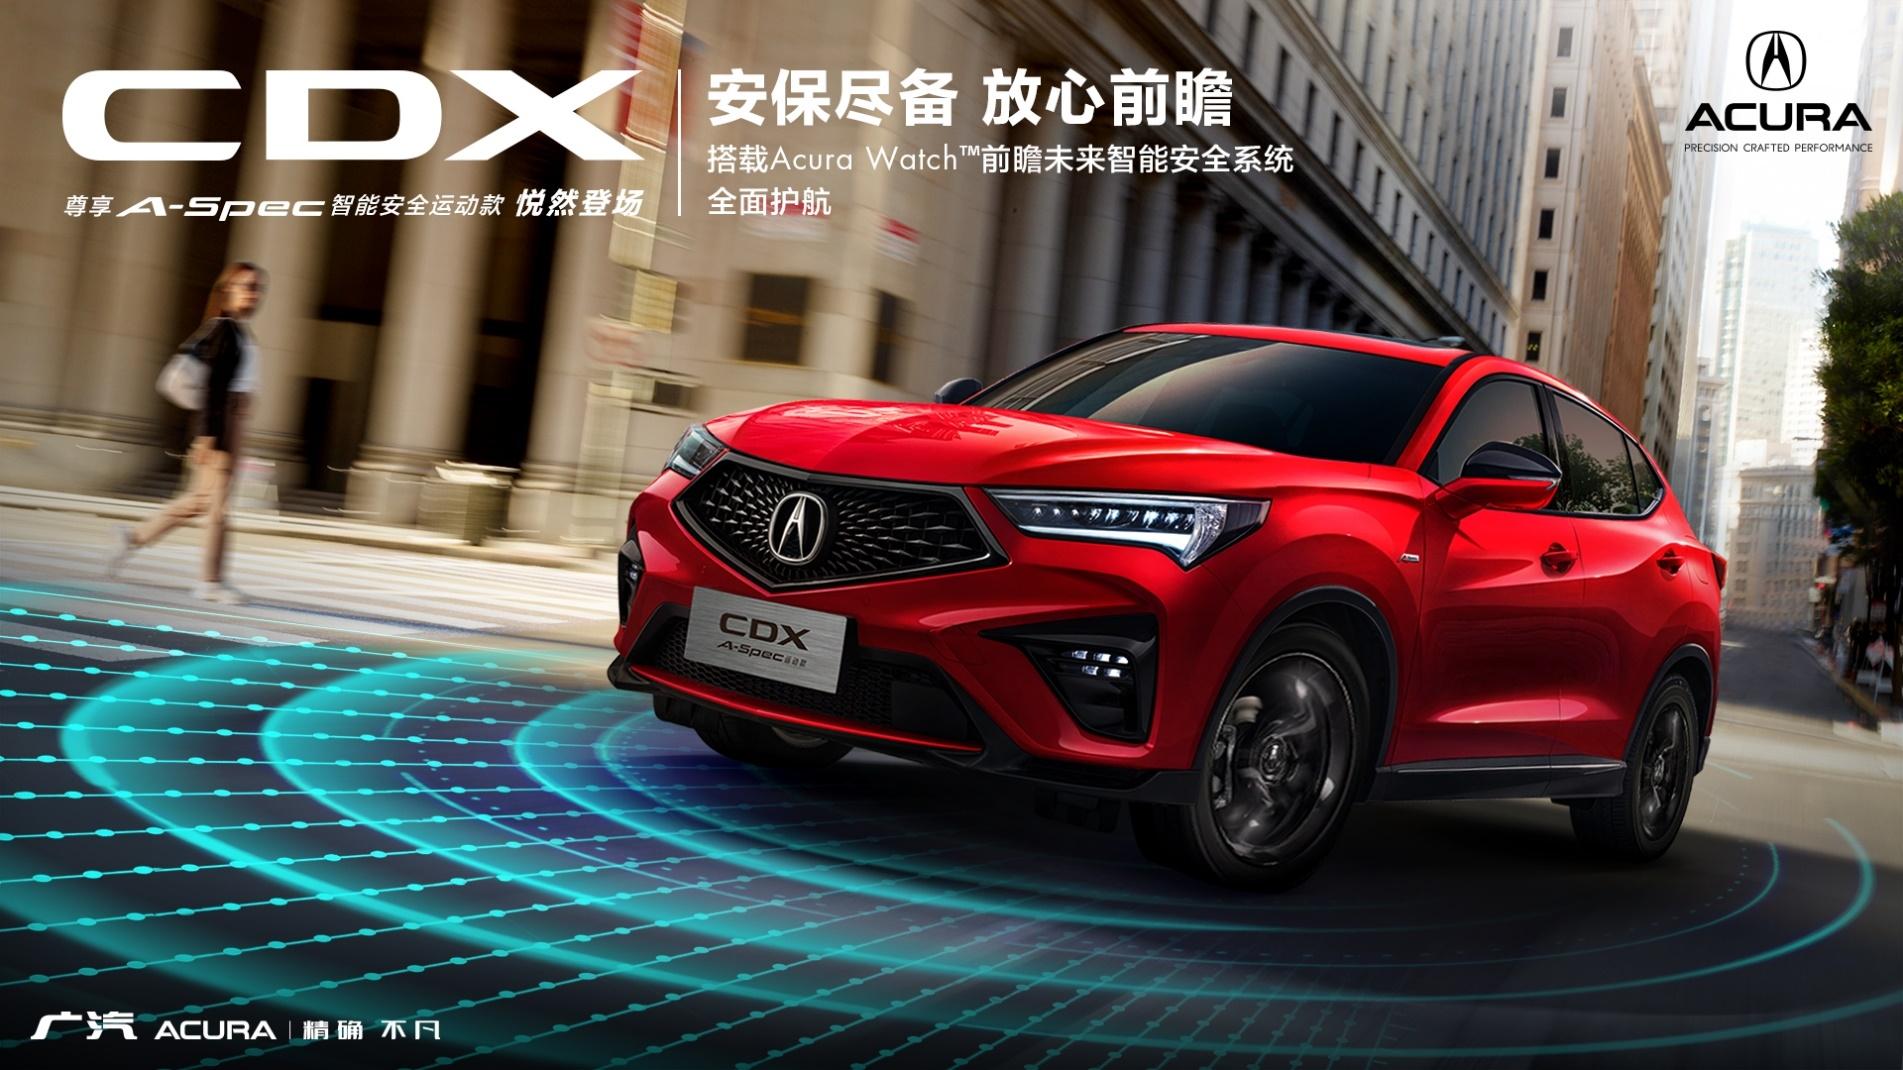 智能尽备 放心前瞻 广汽Acura CDX 尊享智能安全版全国发售